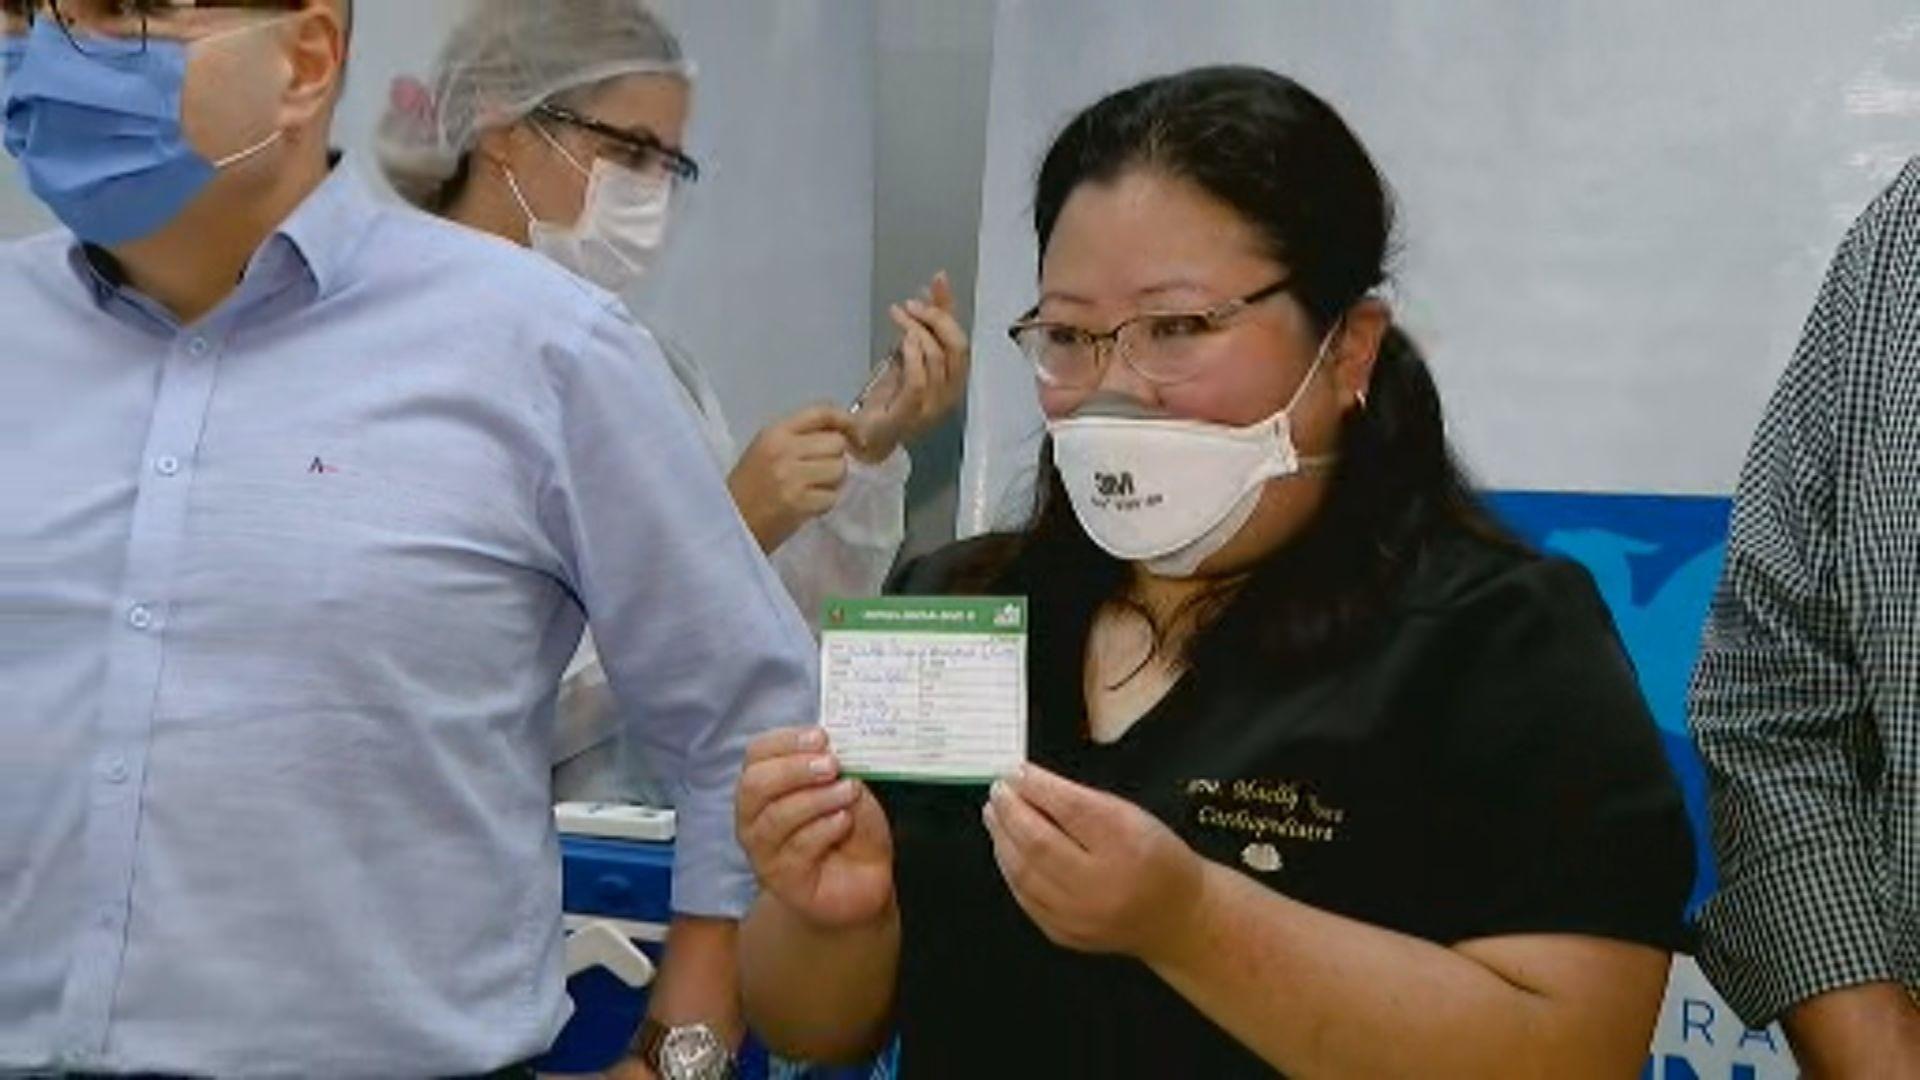 Uma semana após 1ª vacinação de Covid-19, Campinas tem 9,5 mil doses aplicadas nas redes municipal, estadual e privada